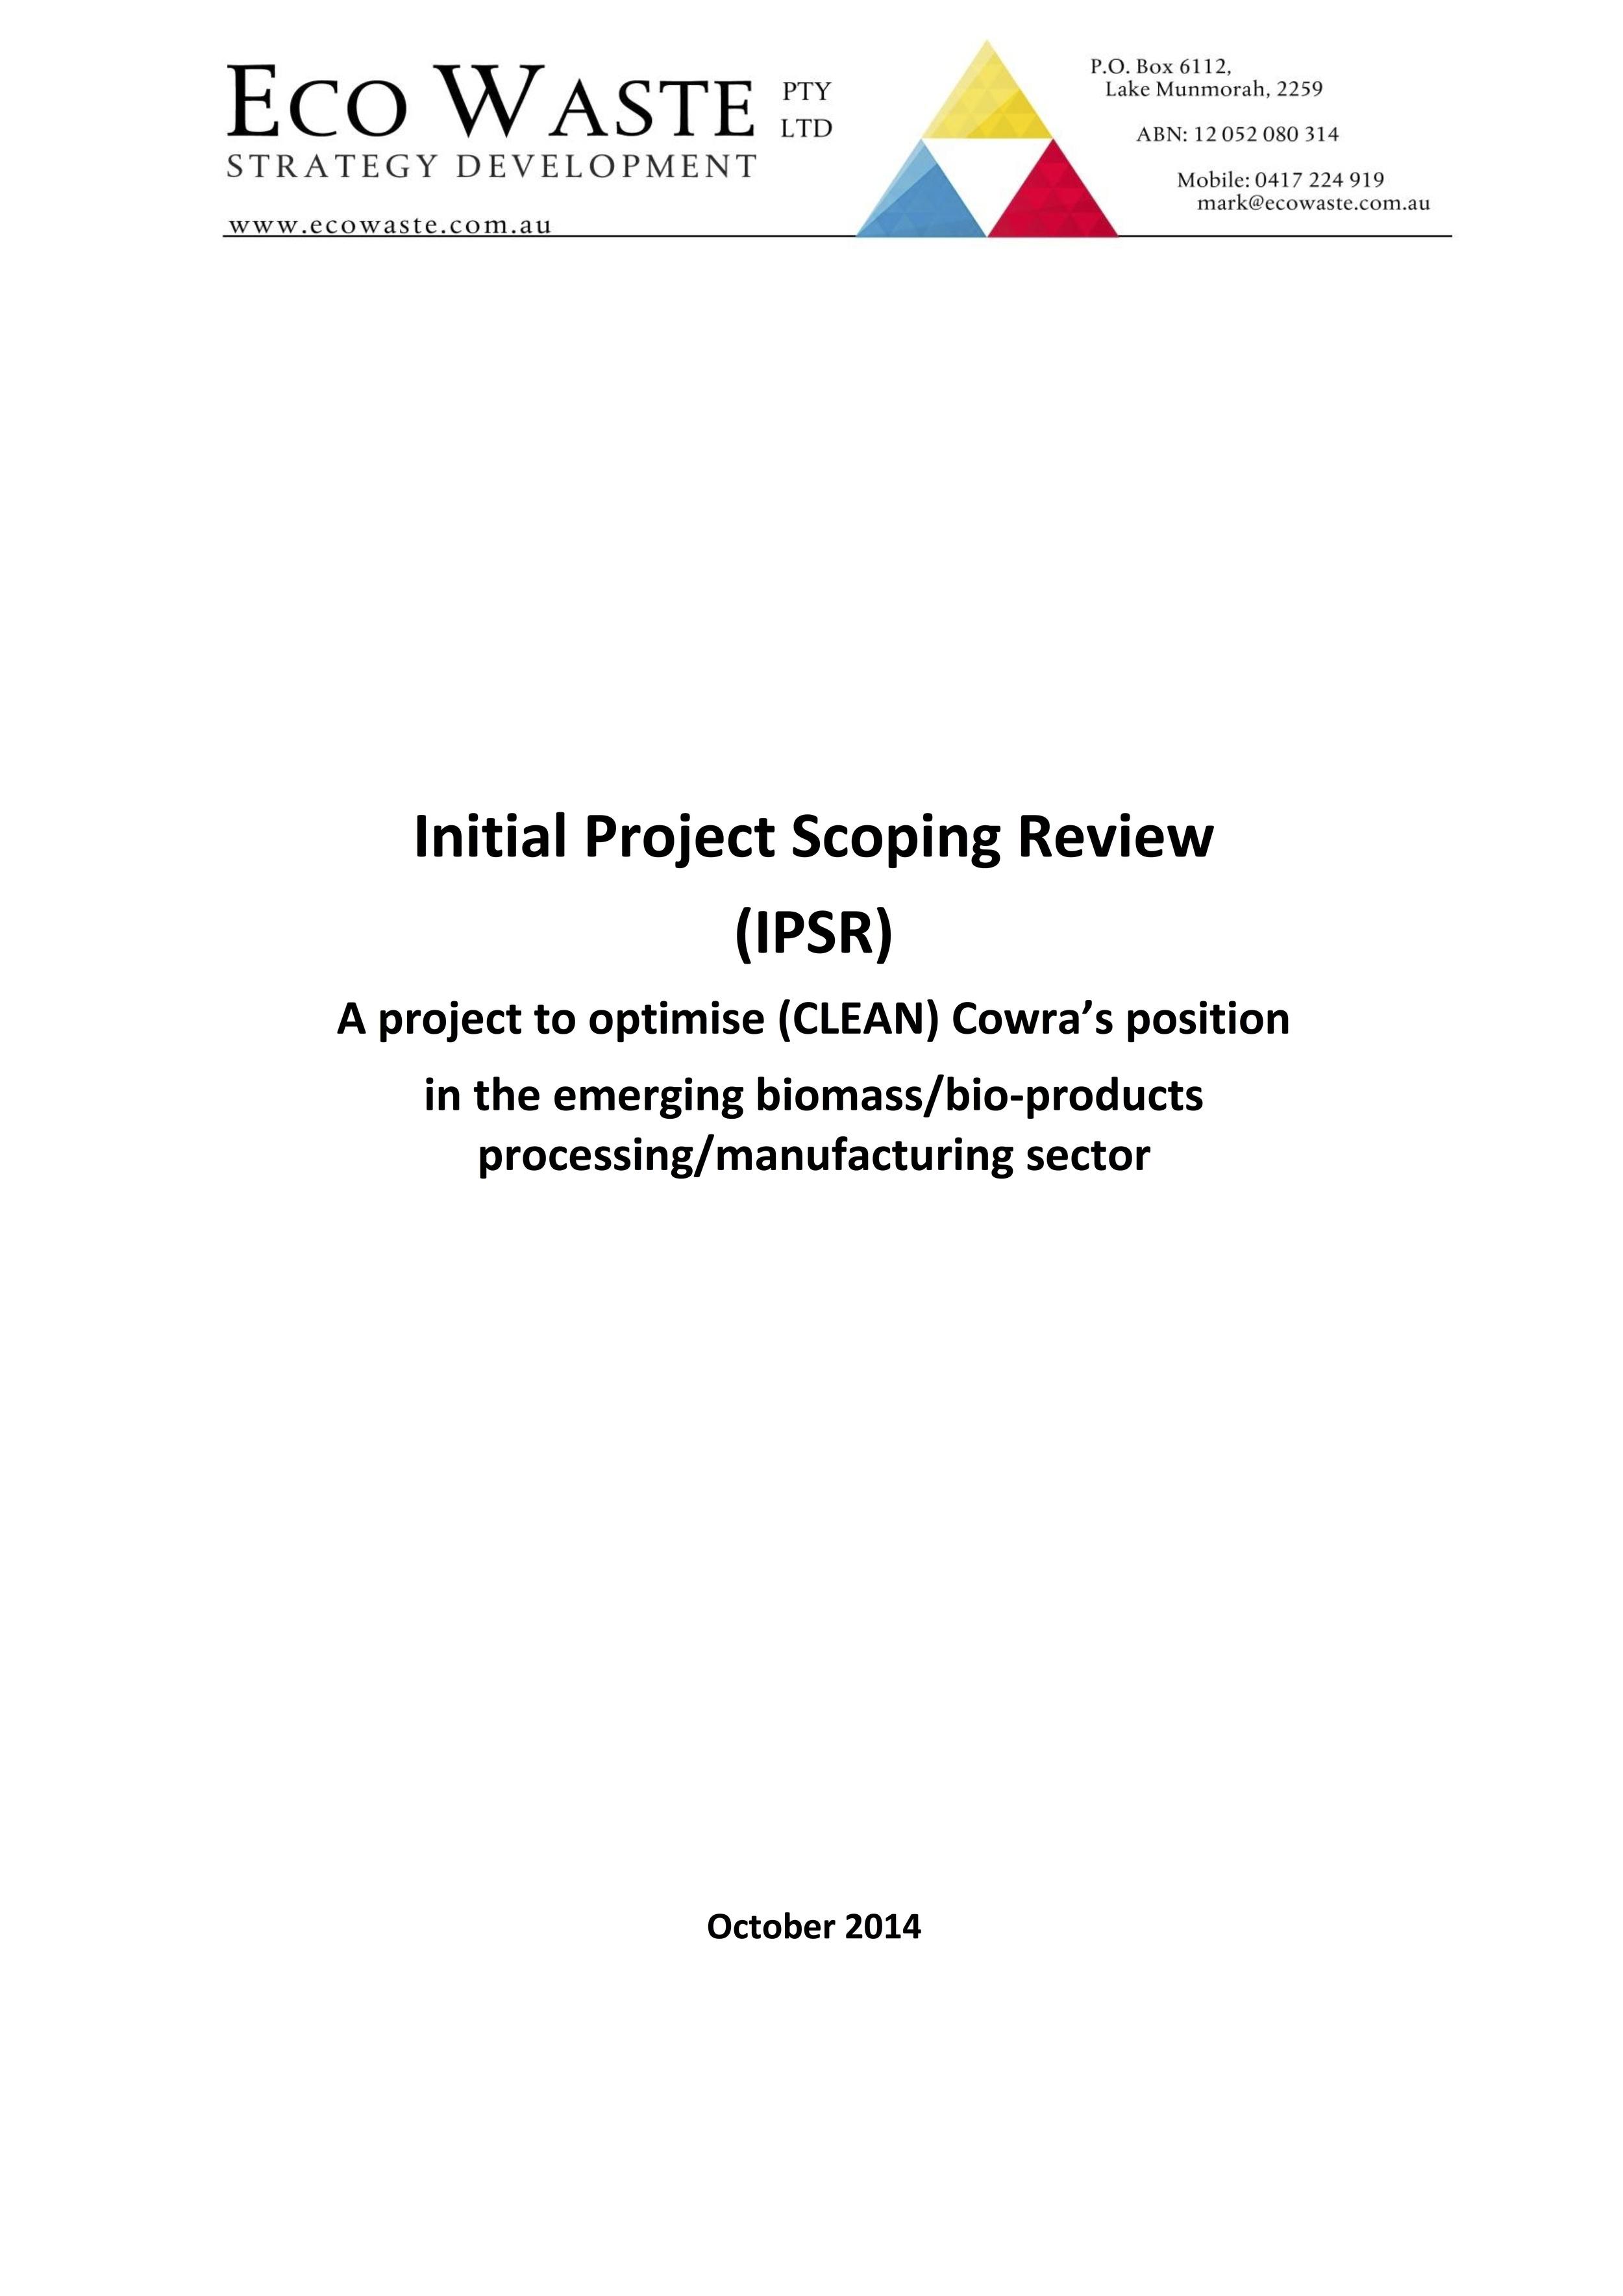 Biomass Resource Audit IPSR.jpg